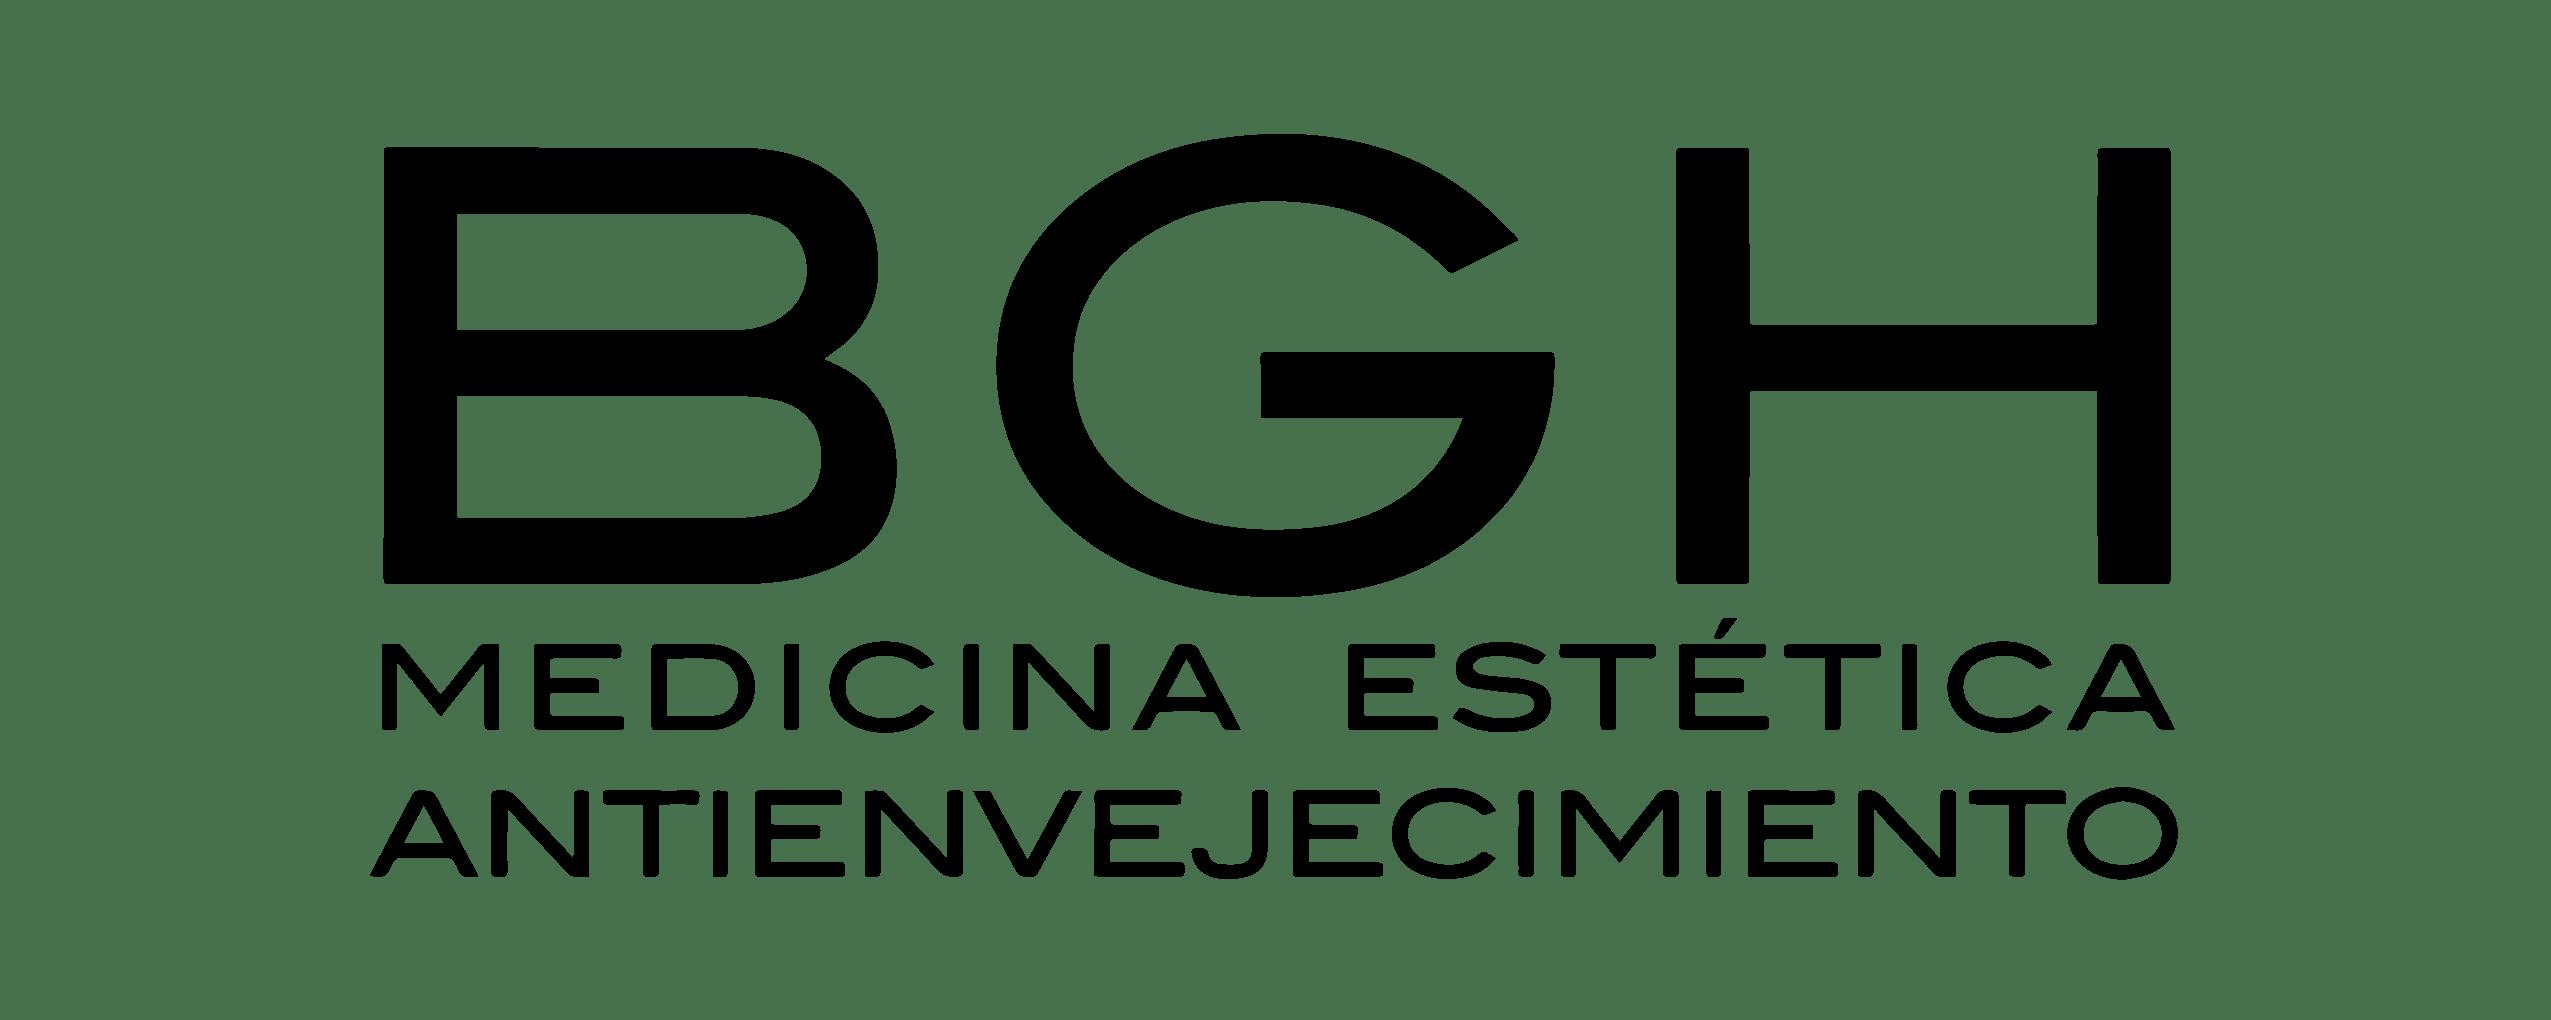 BGH | Medicina Estética Antienvejecimiento